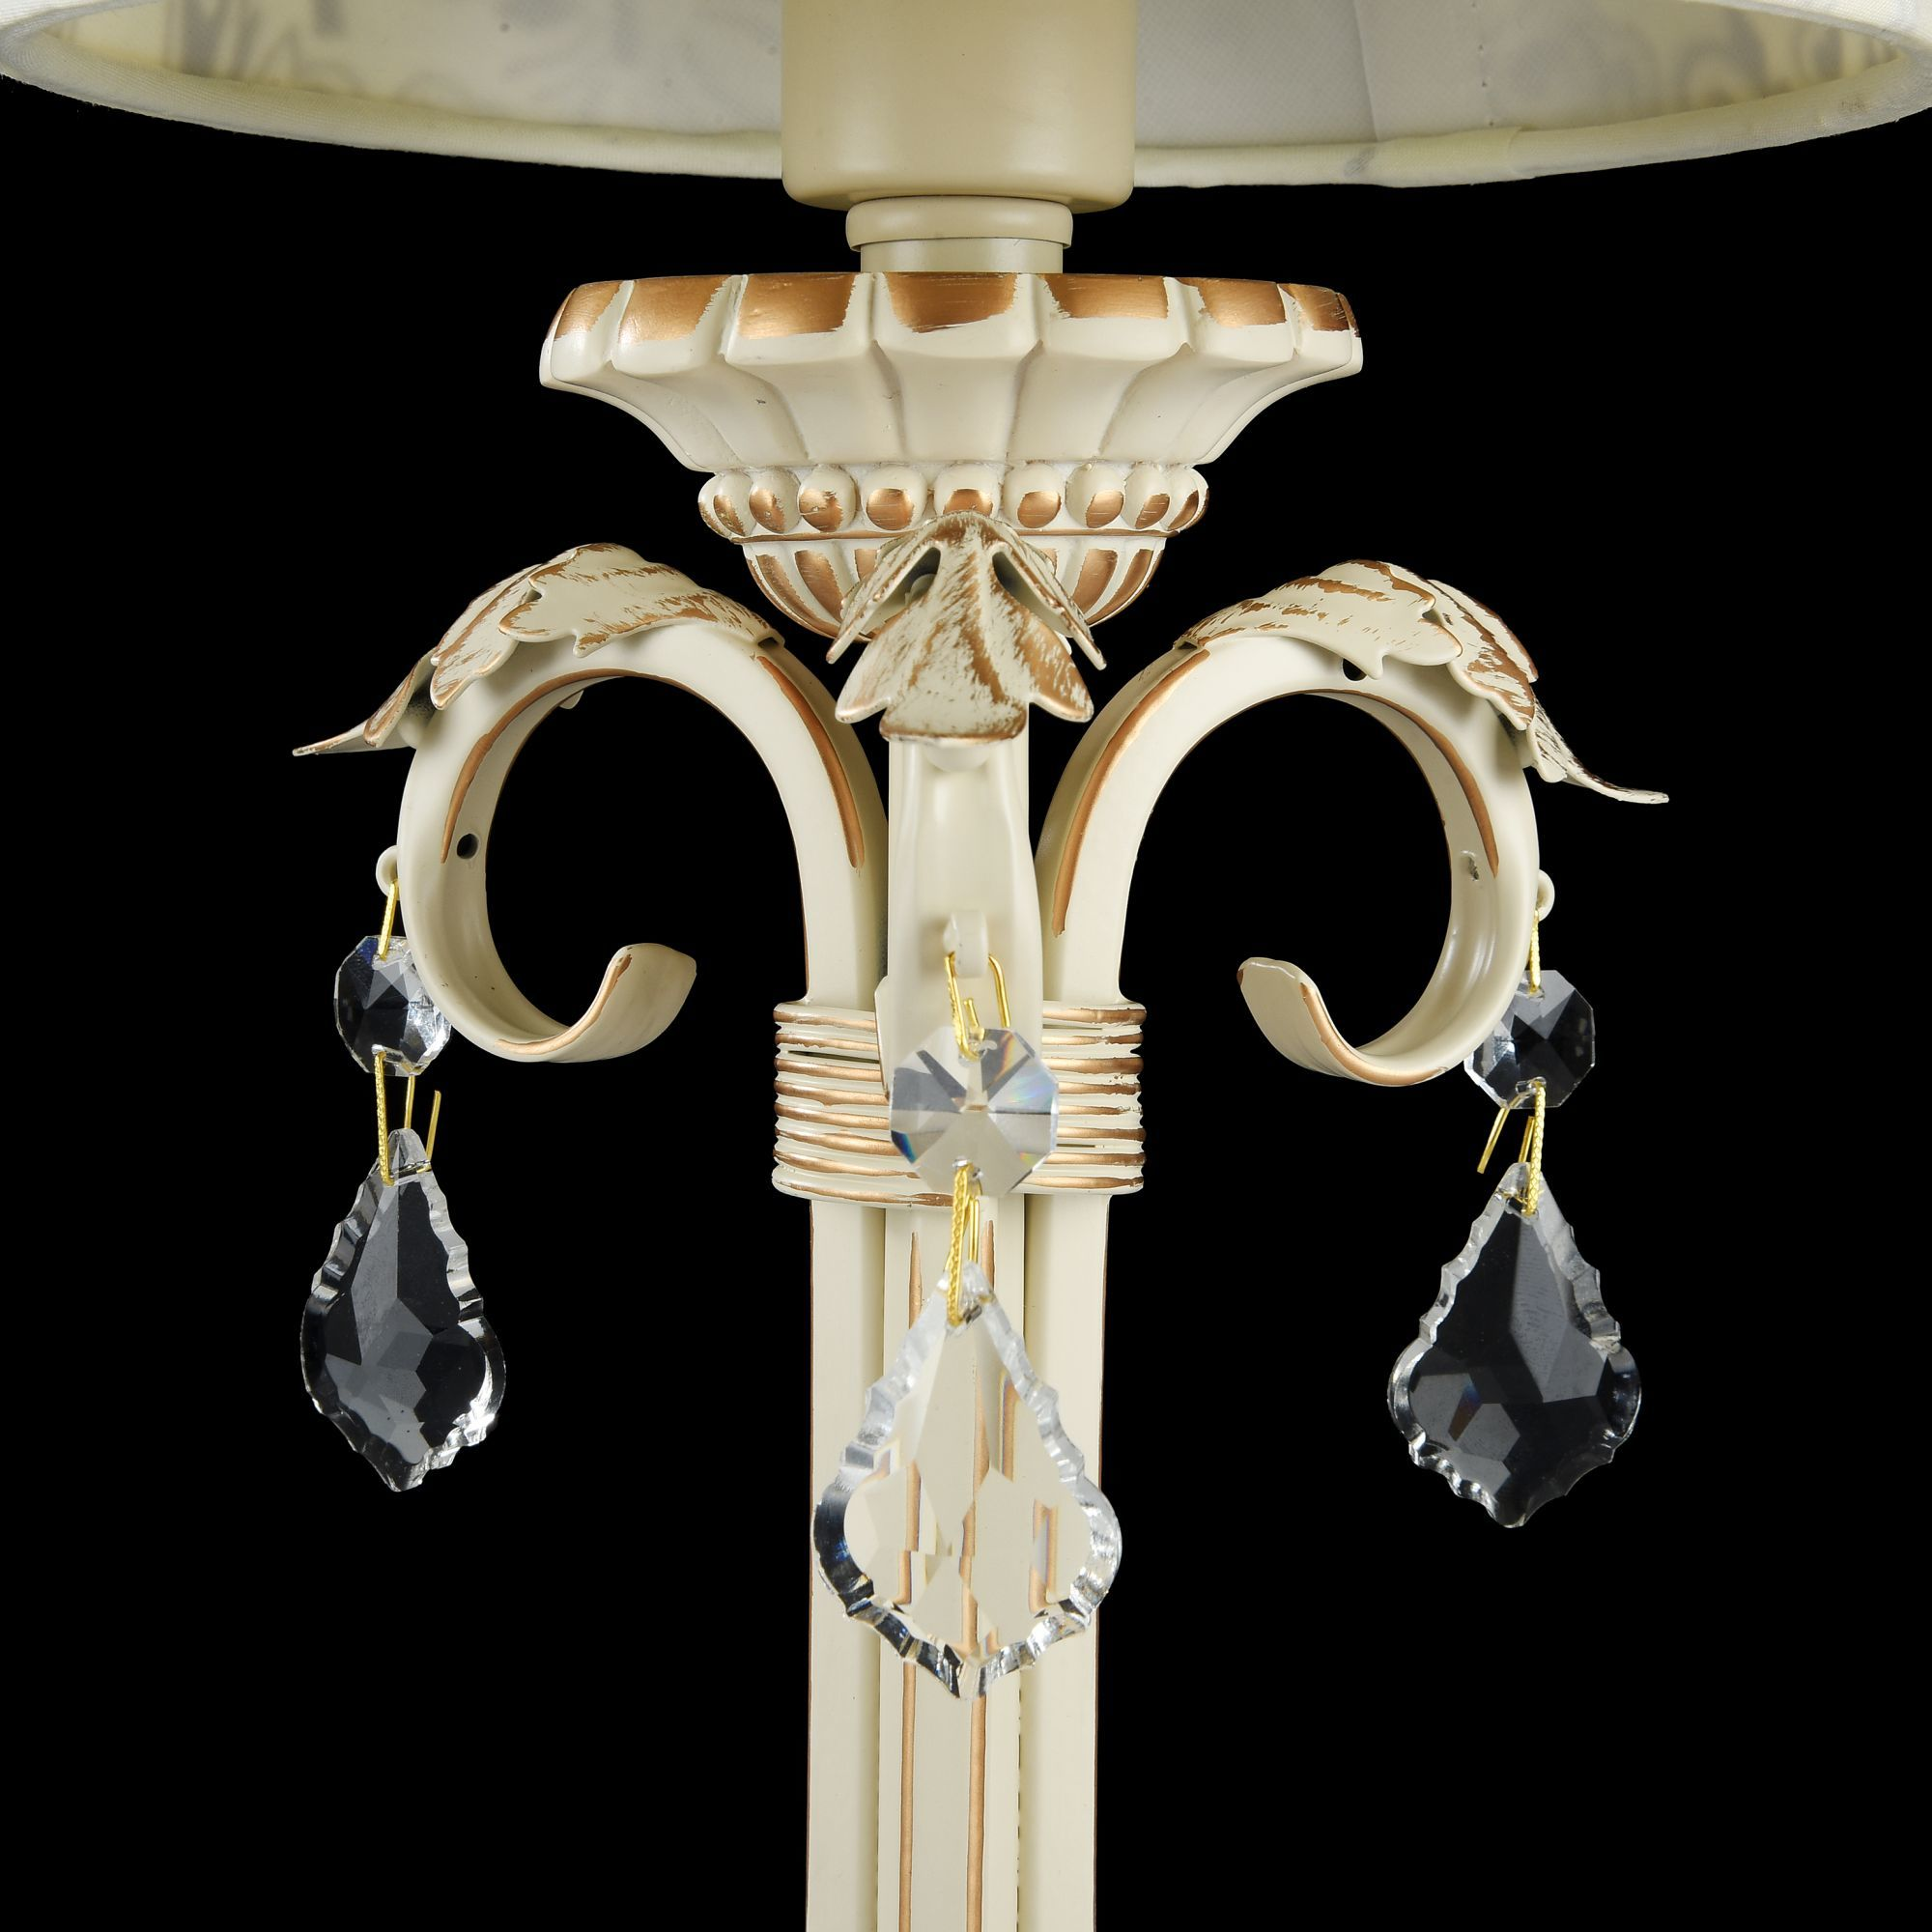 Настольная лампа Maytoni Velvet ARM219-00-G, 1xE14x40W, белый, матовое золото, бежевый, прозрачный, металл, текстиль, стекло - фото 5